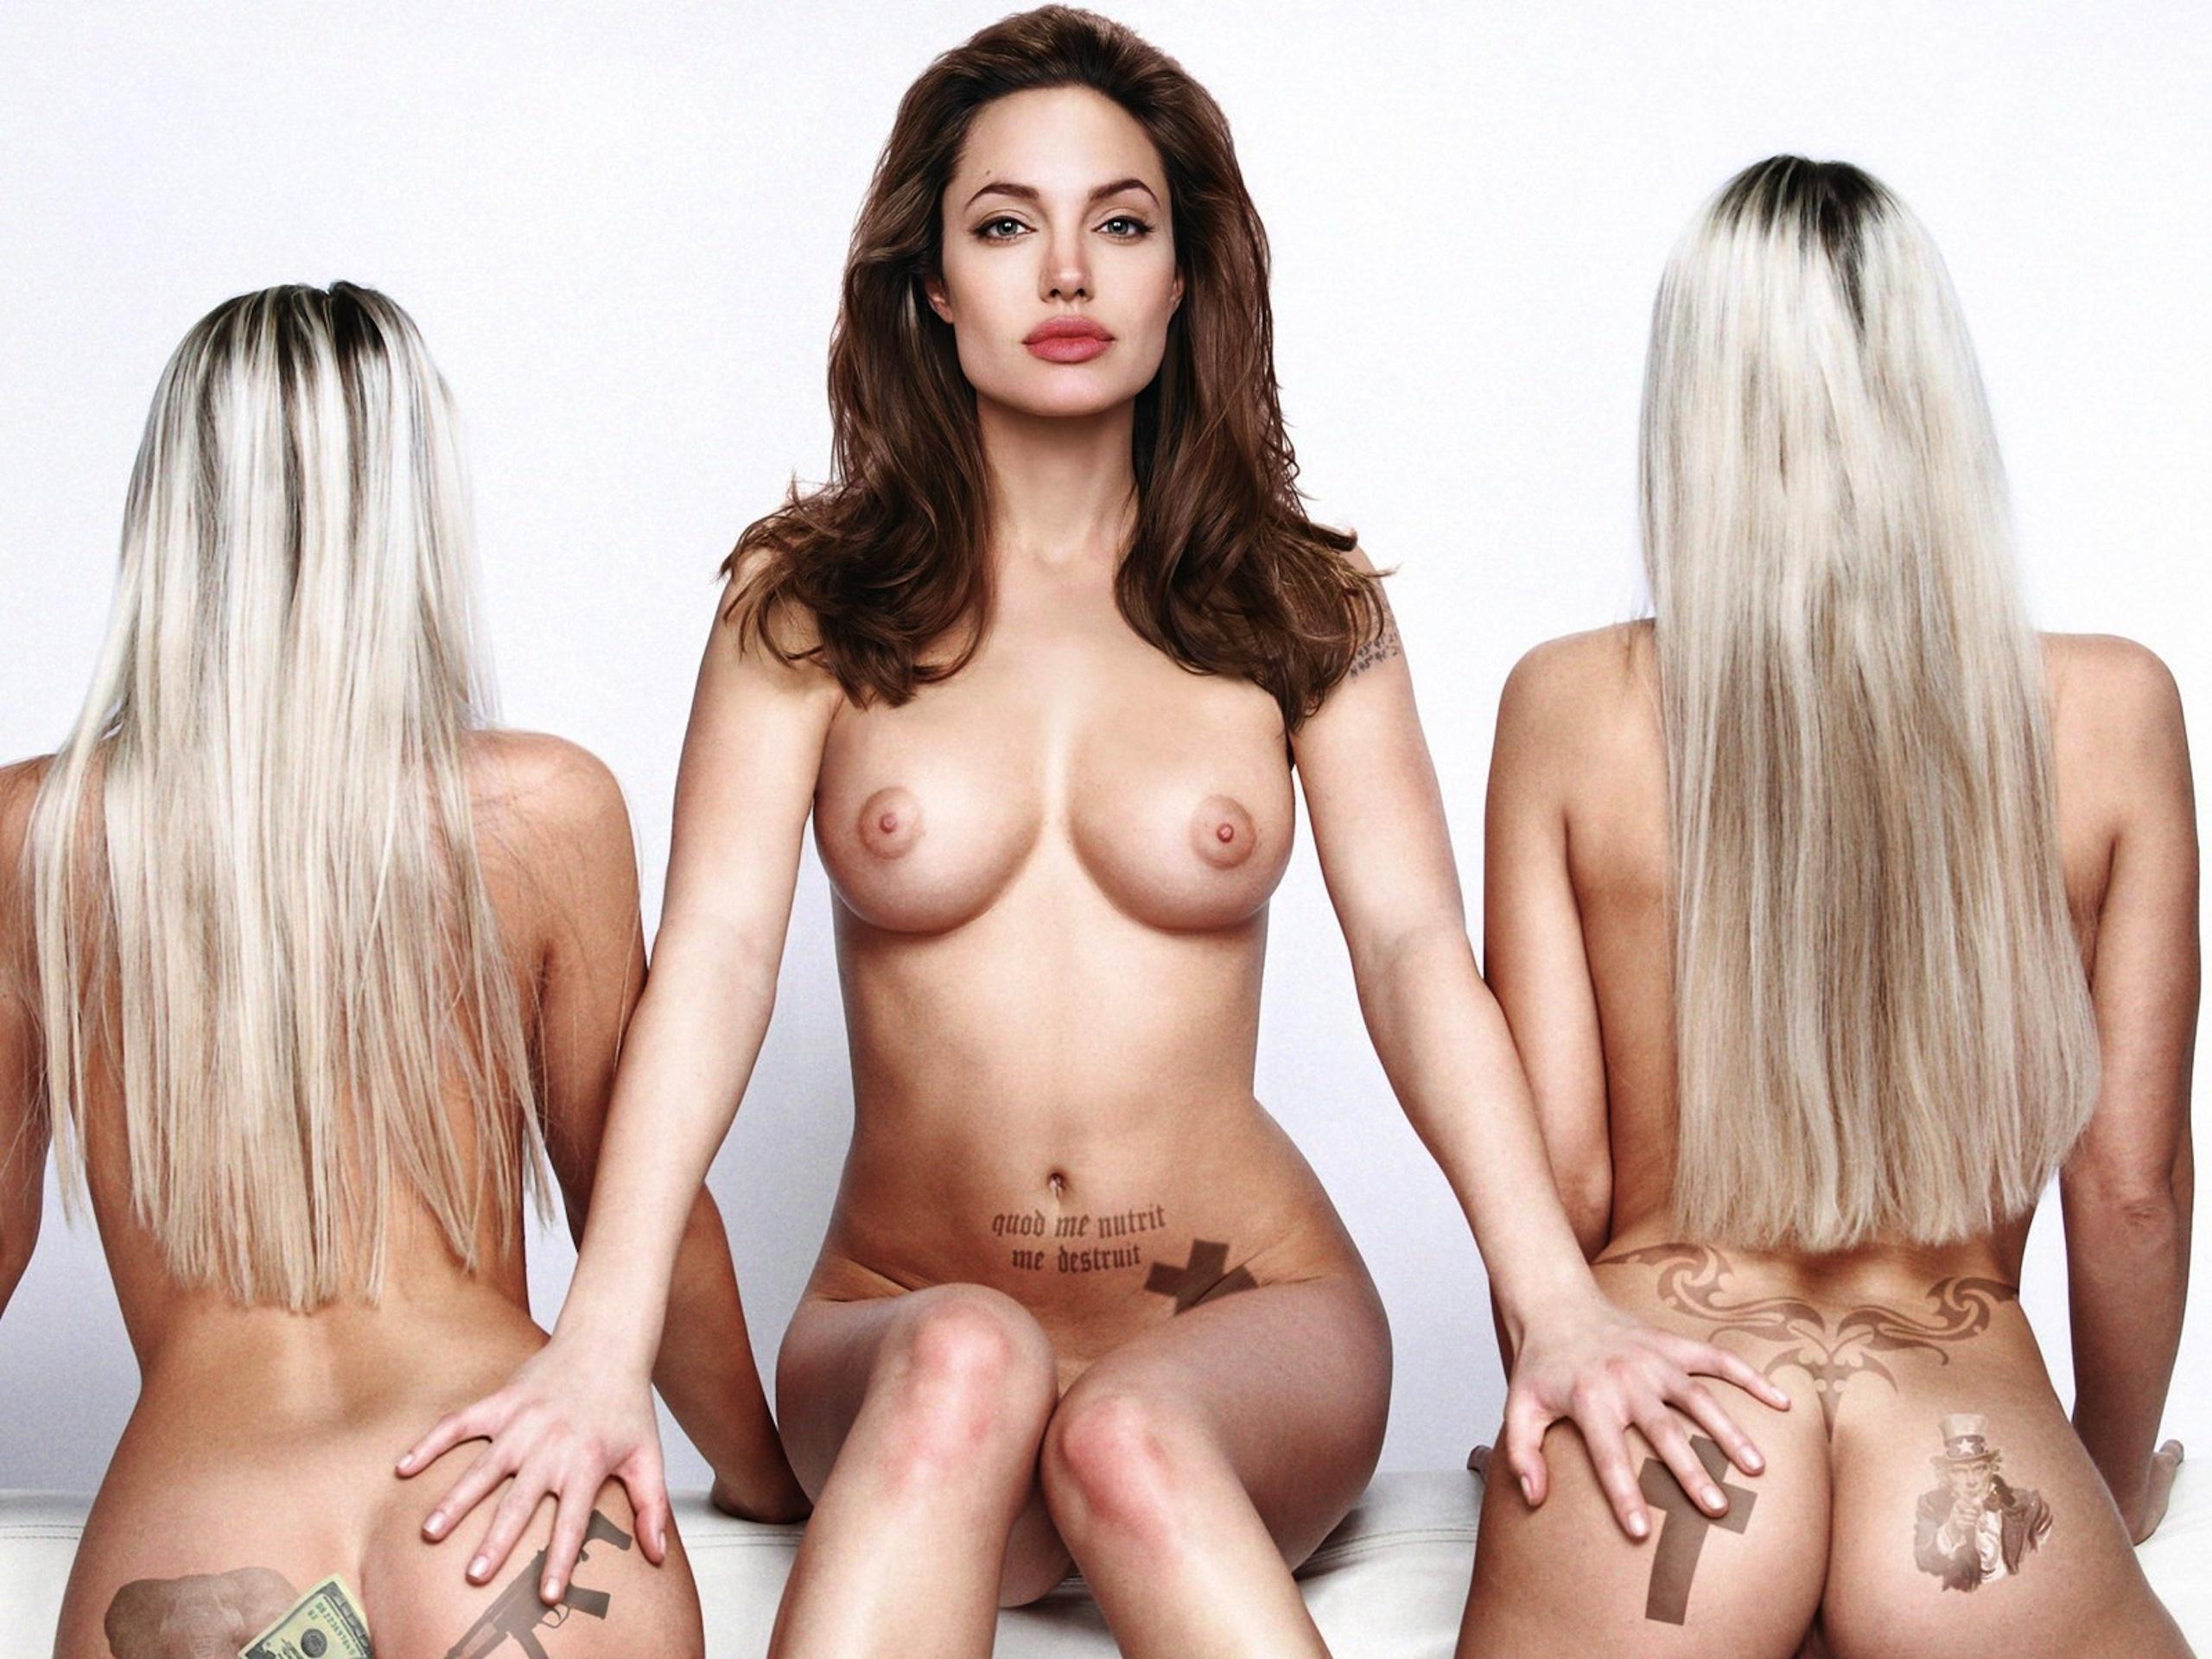 gorgeous lesbians mia malkova spencer scott taylor vixen put